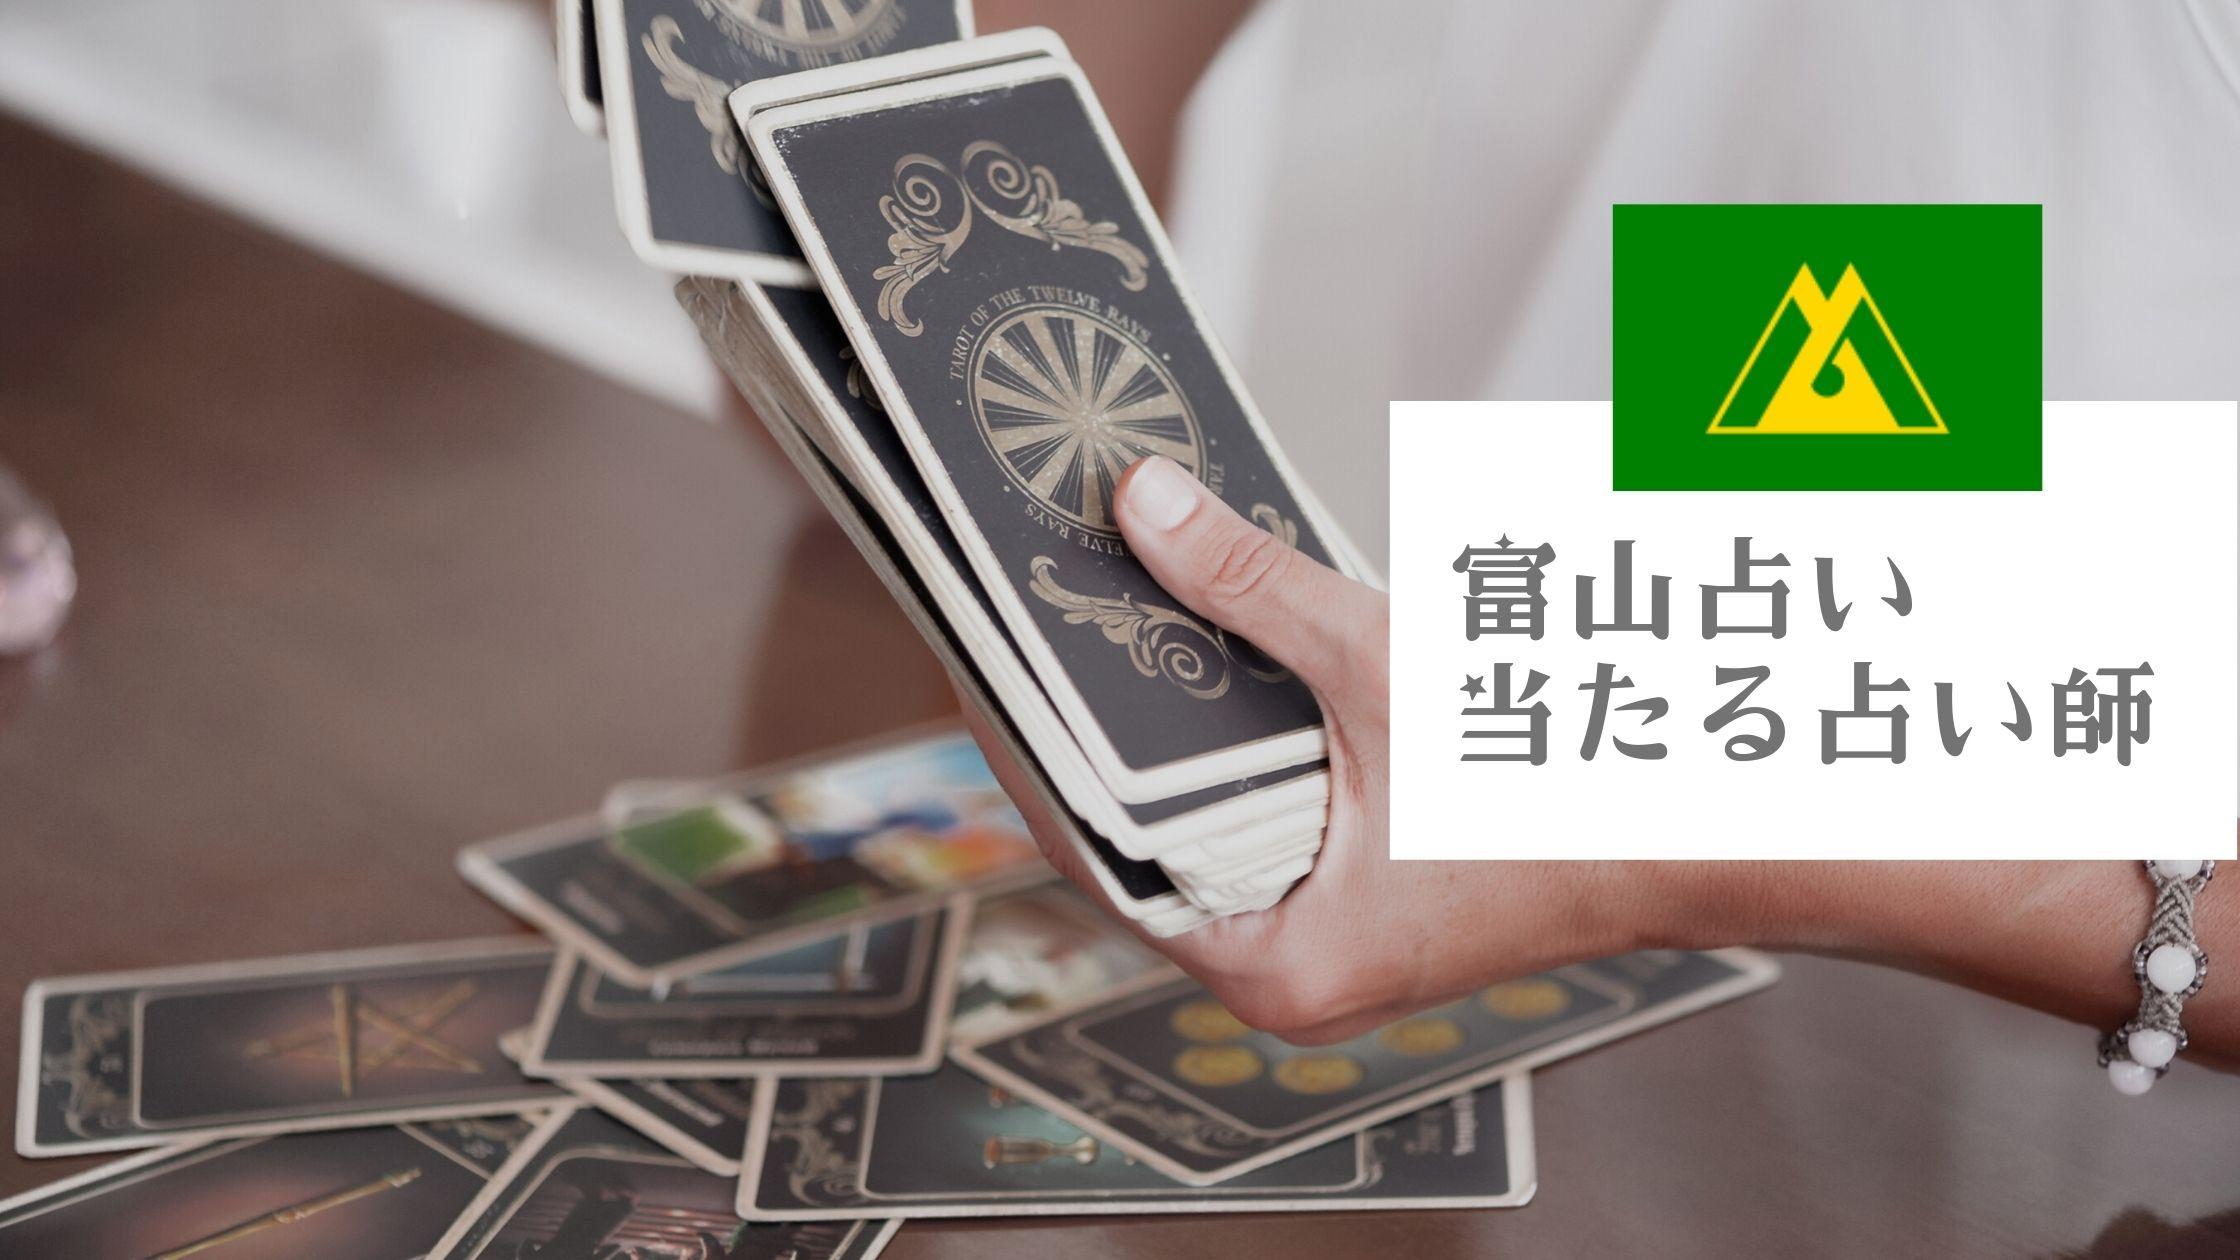 【富山県の当たる占い】ブログや口コミで人気の占い師・占い館